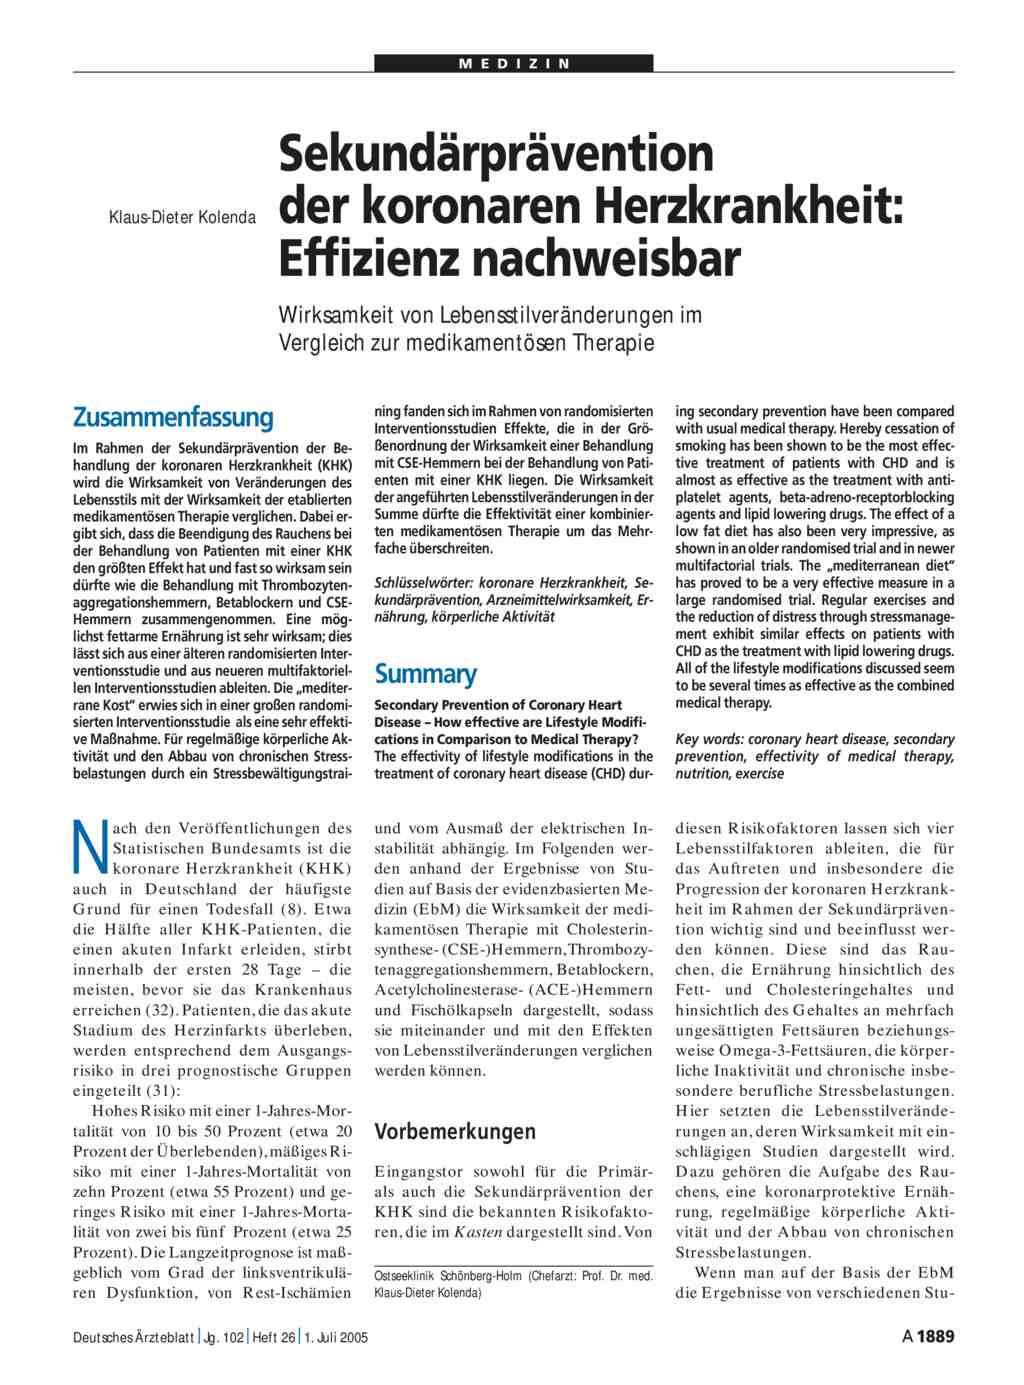 dissertation koronare herzkrankheit